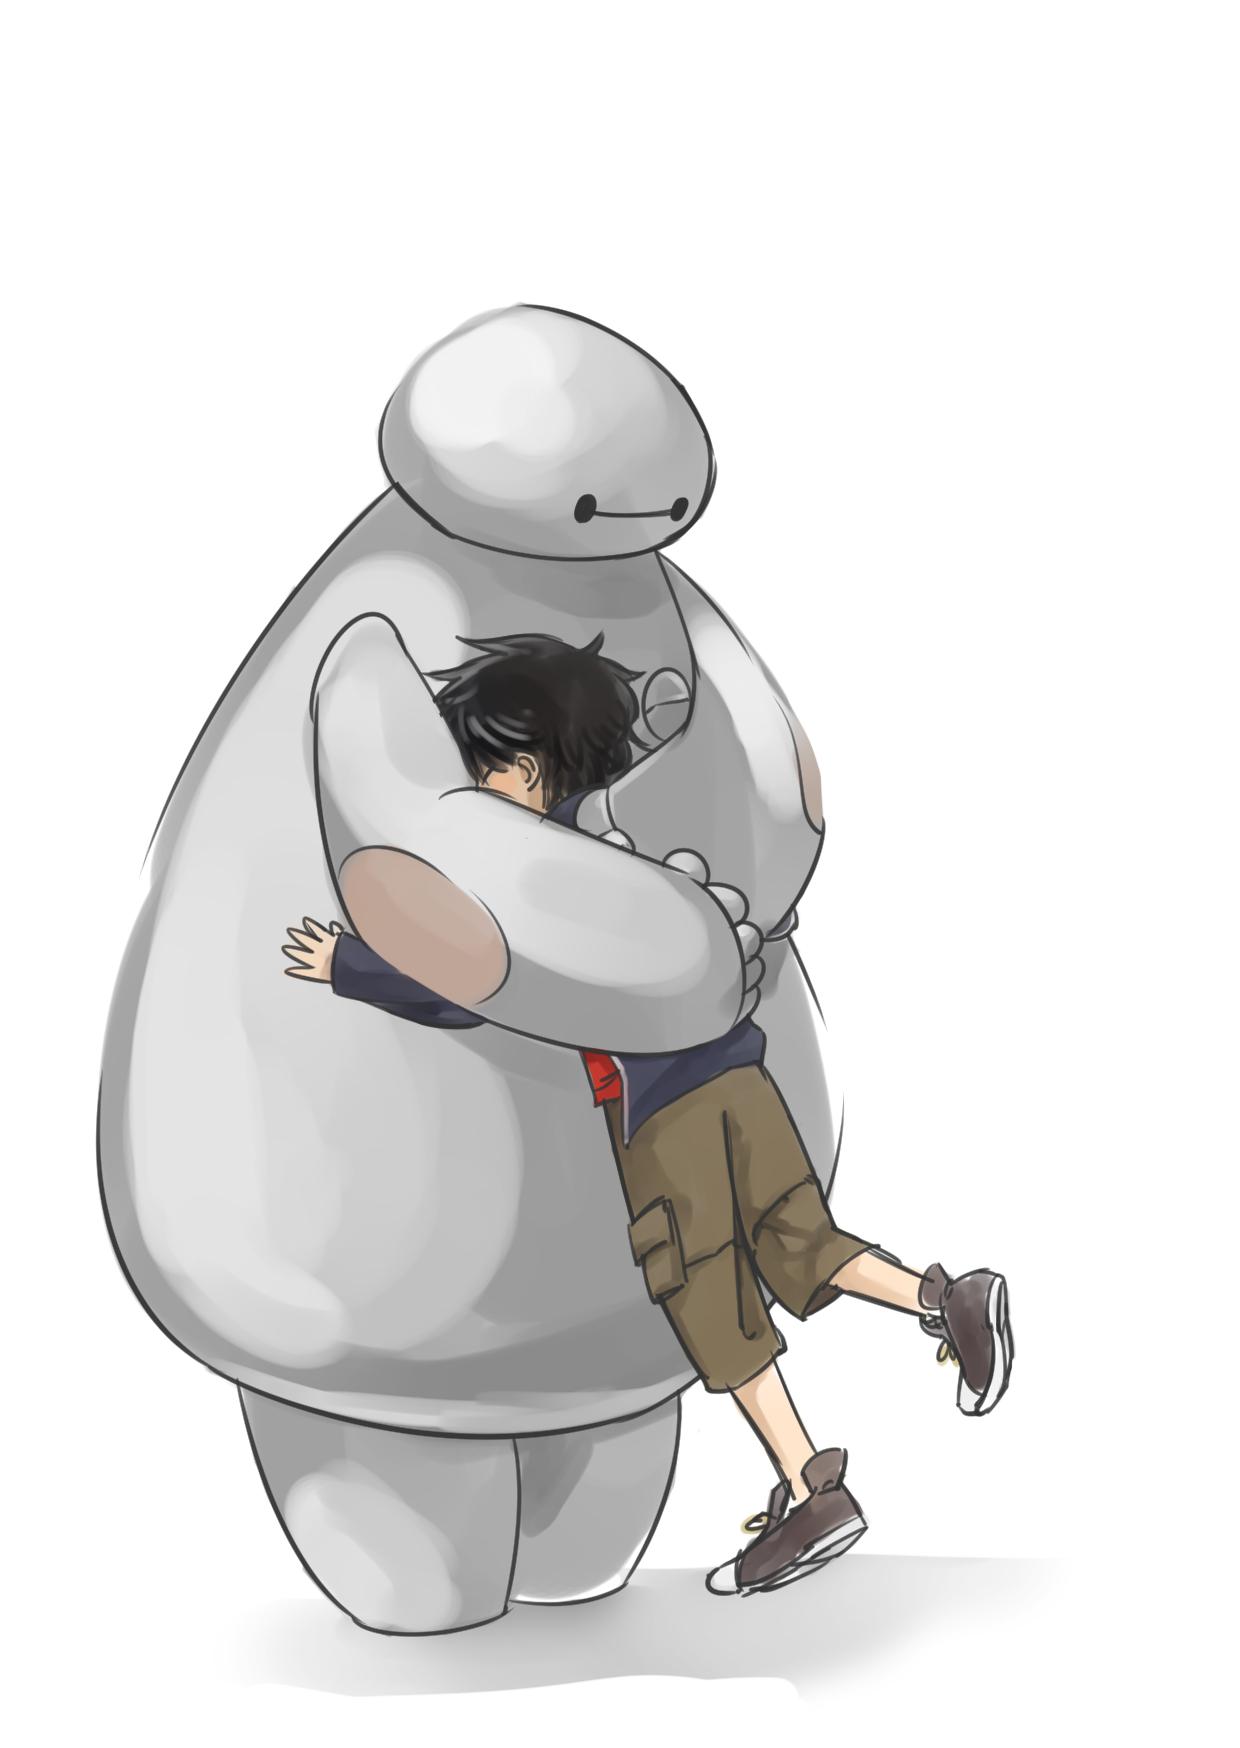 BIG HIRO HUG by nojaloid